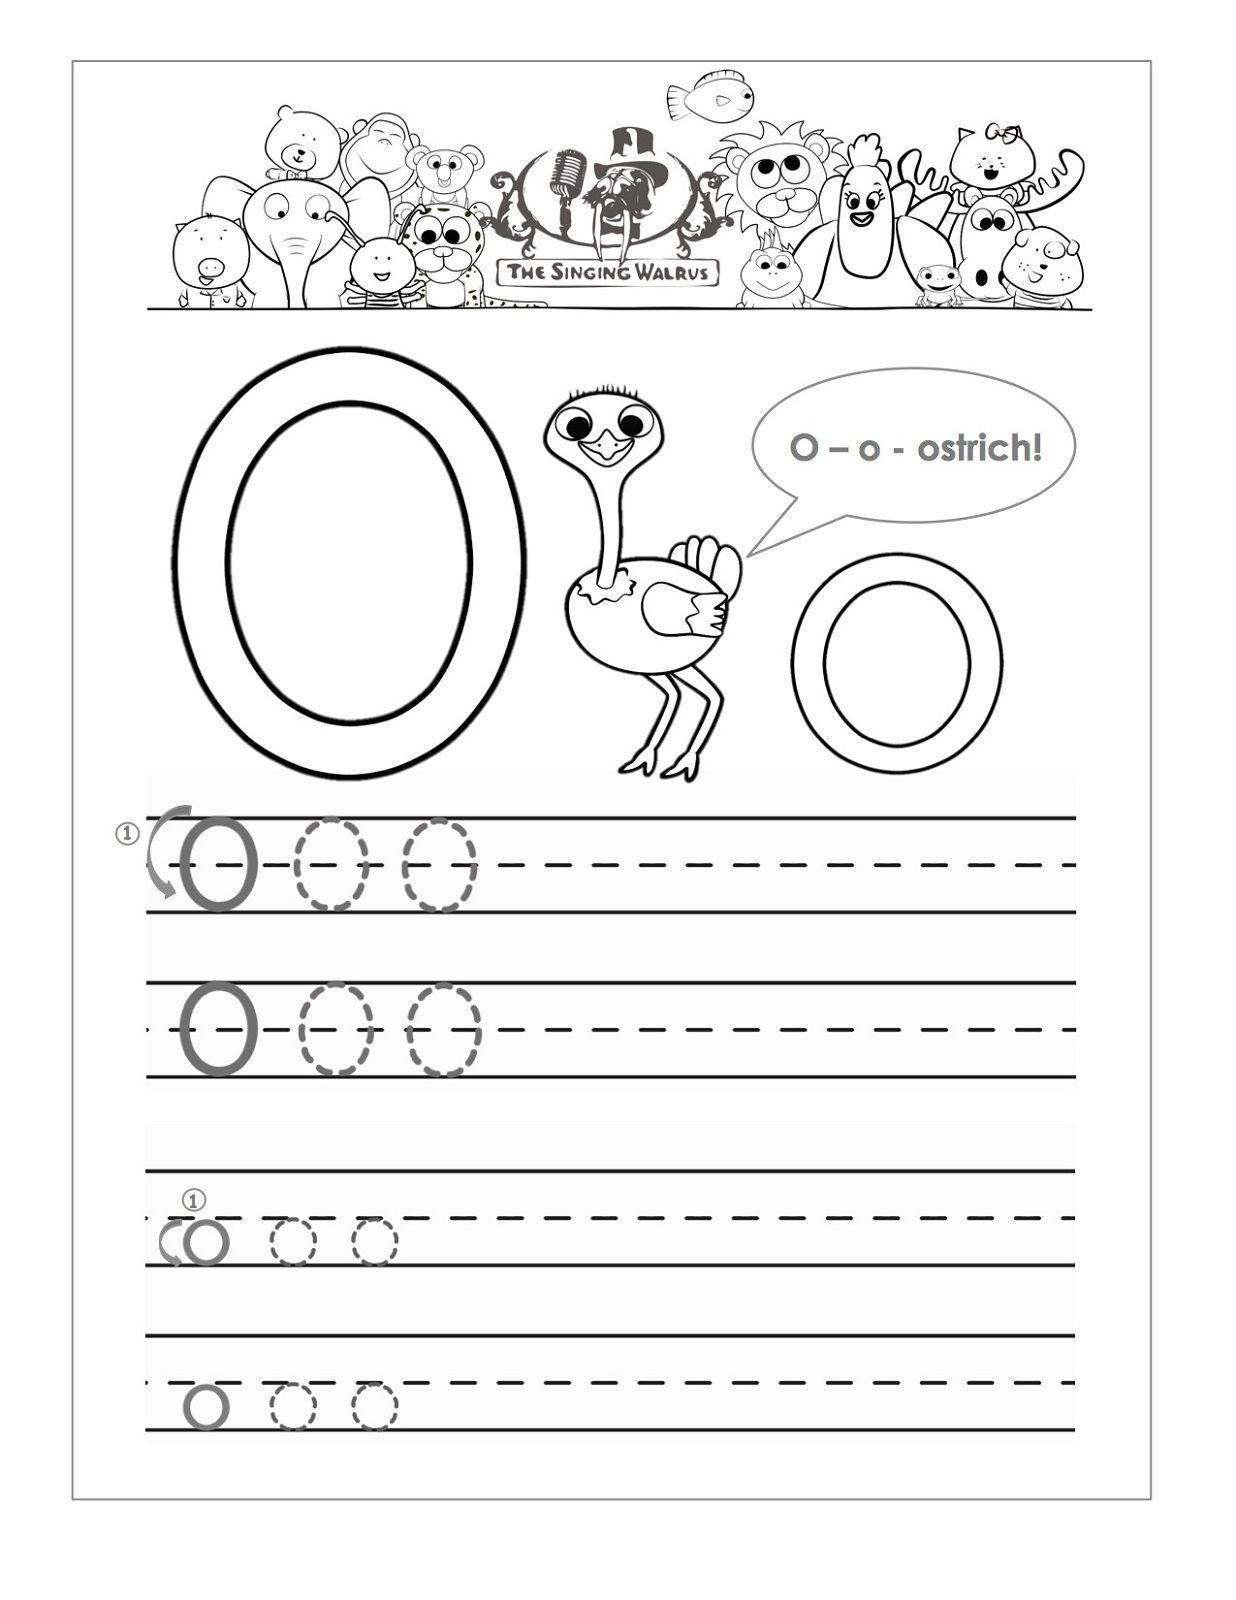 Letter O Worksheets For Preschool Kids Worksheets Printable